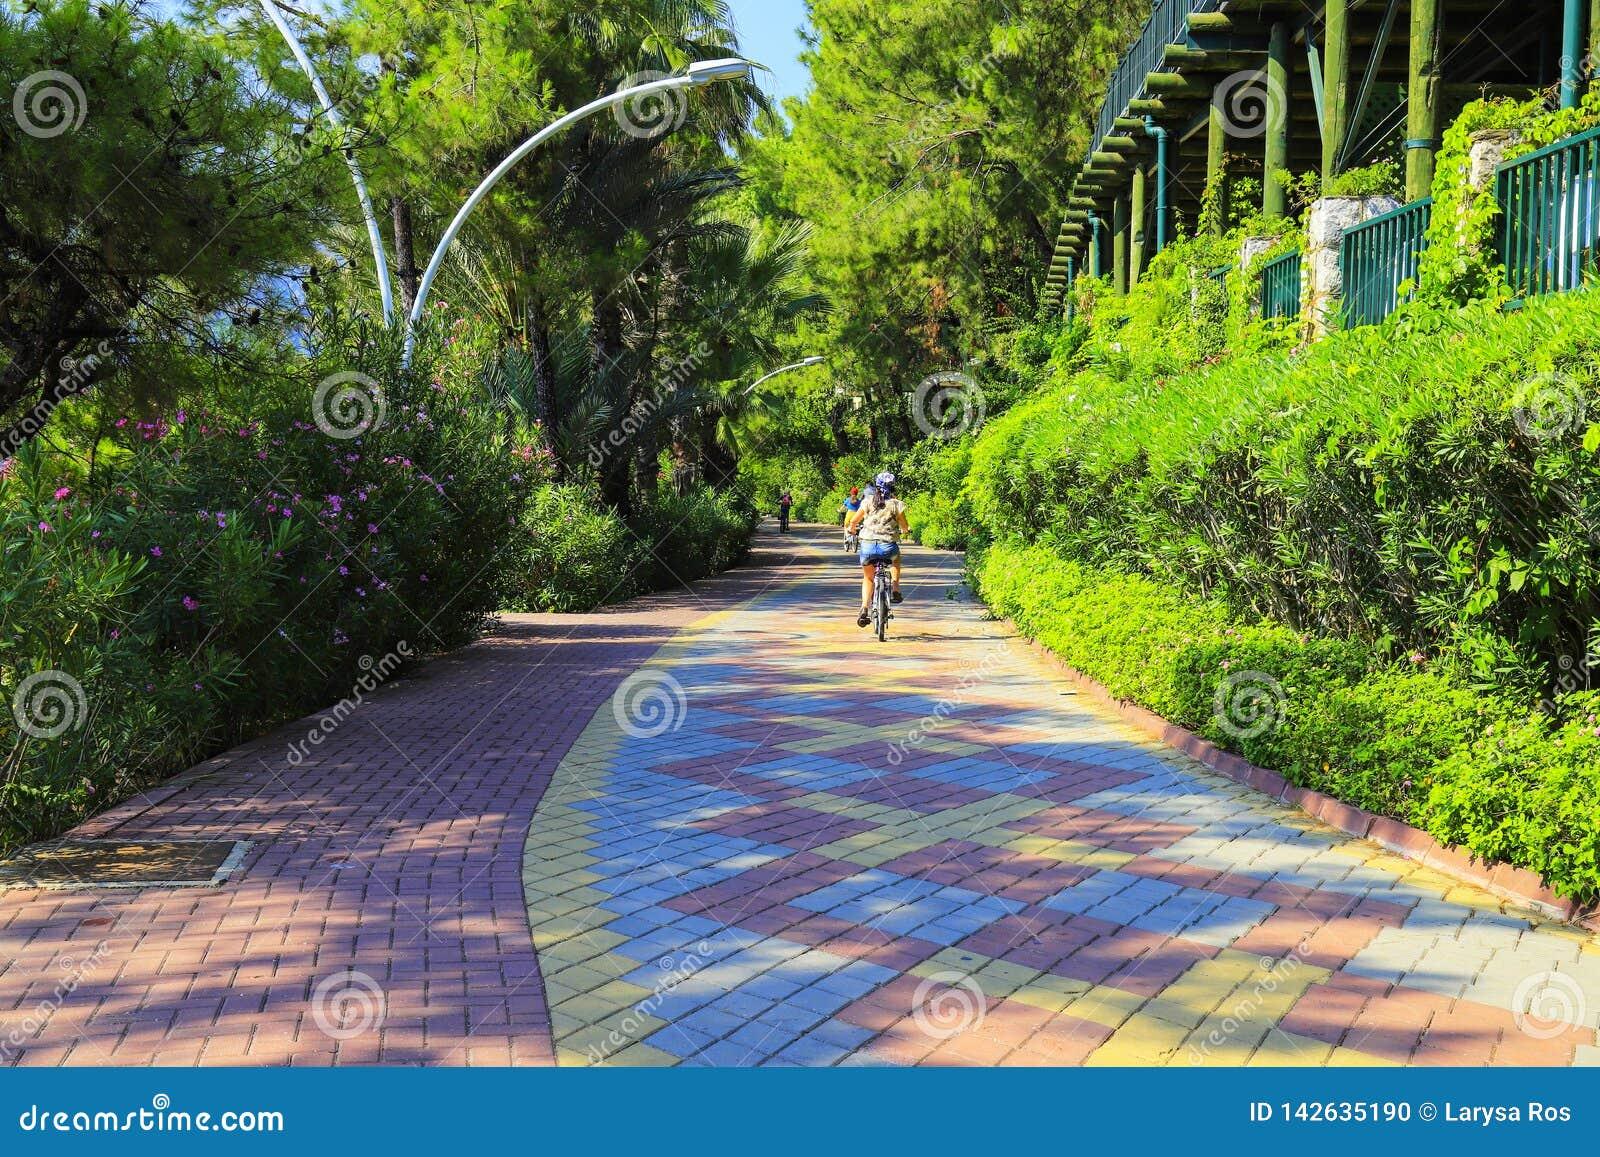 El pequeño niño monta una bicicleta a lo largo de una trayectoria del ciclo de tejas de pavimentación multicoloras entre árboles